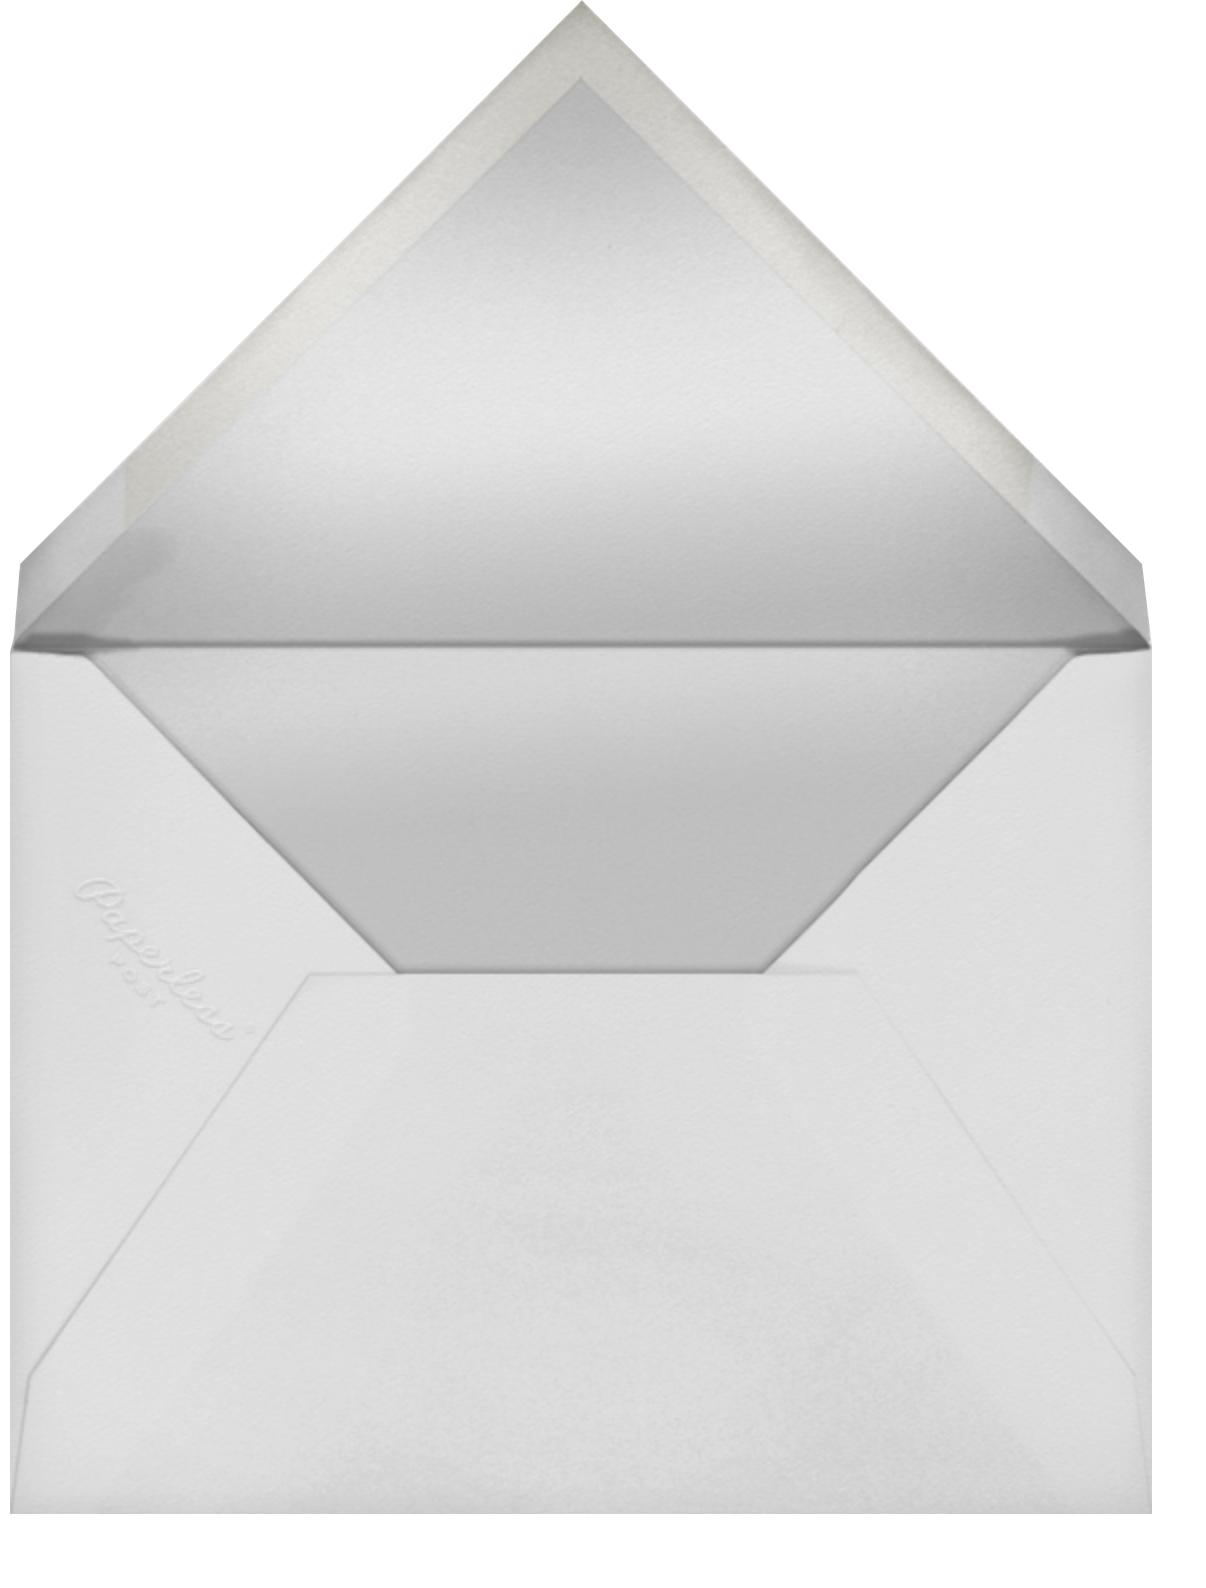 Bulletin (Menu) - Emerald - Paperless Post - Menus - envelope back